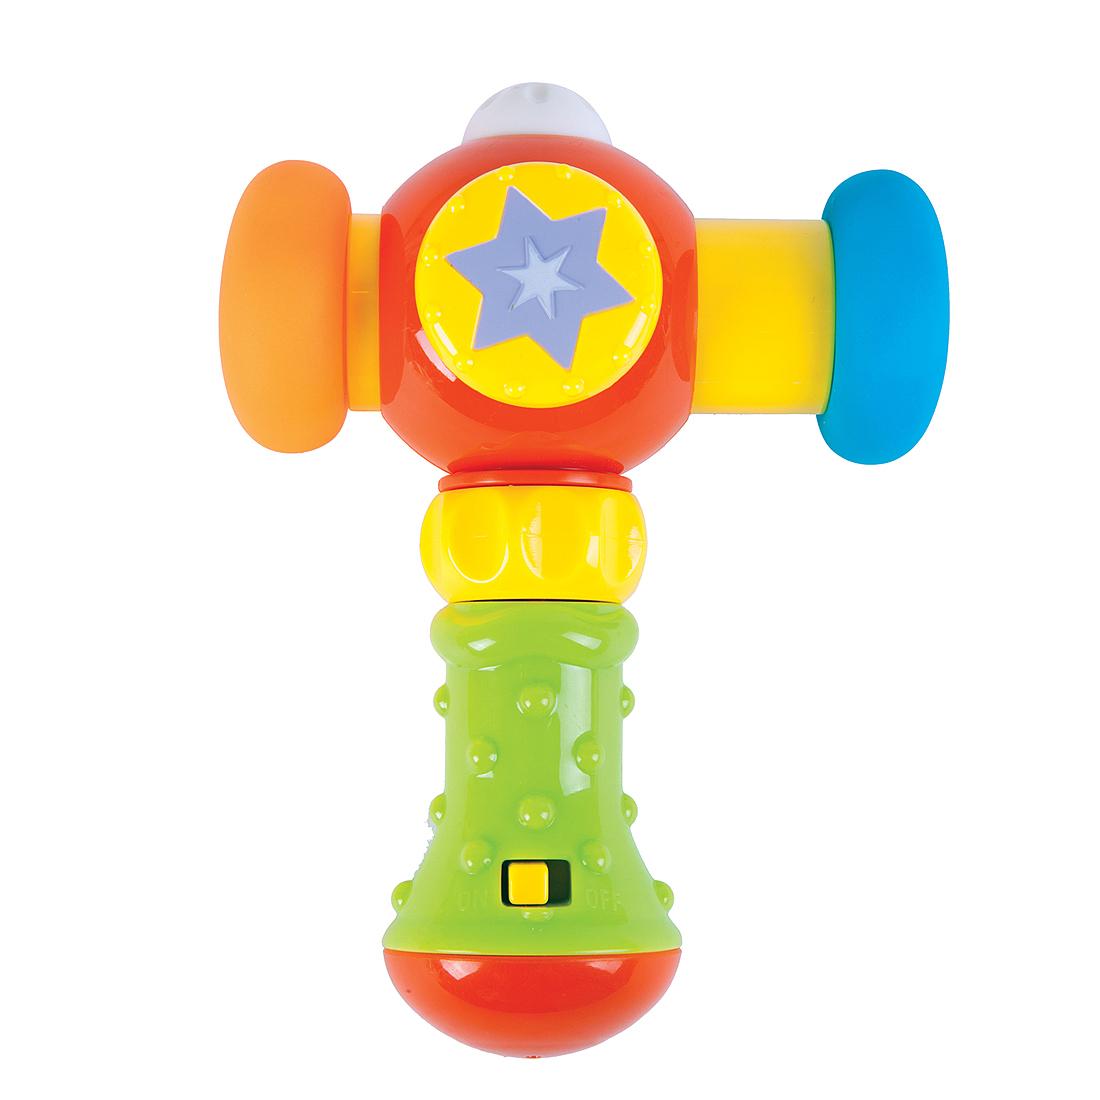 Развивающие игрушки Жирафики Развивающая игрушка Жирафики «Сияющий молоточек» с музыкой и светом игрушка микрофон со светом и музыкой